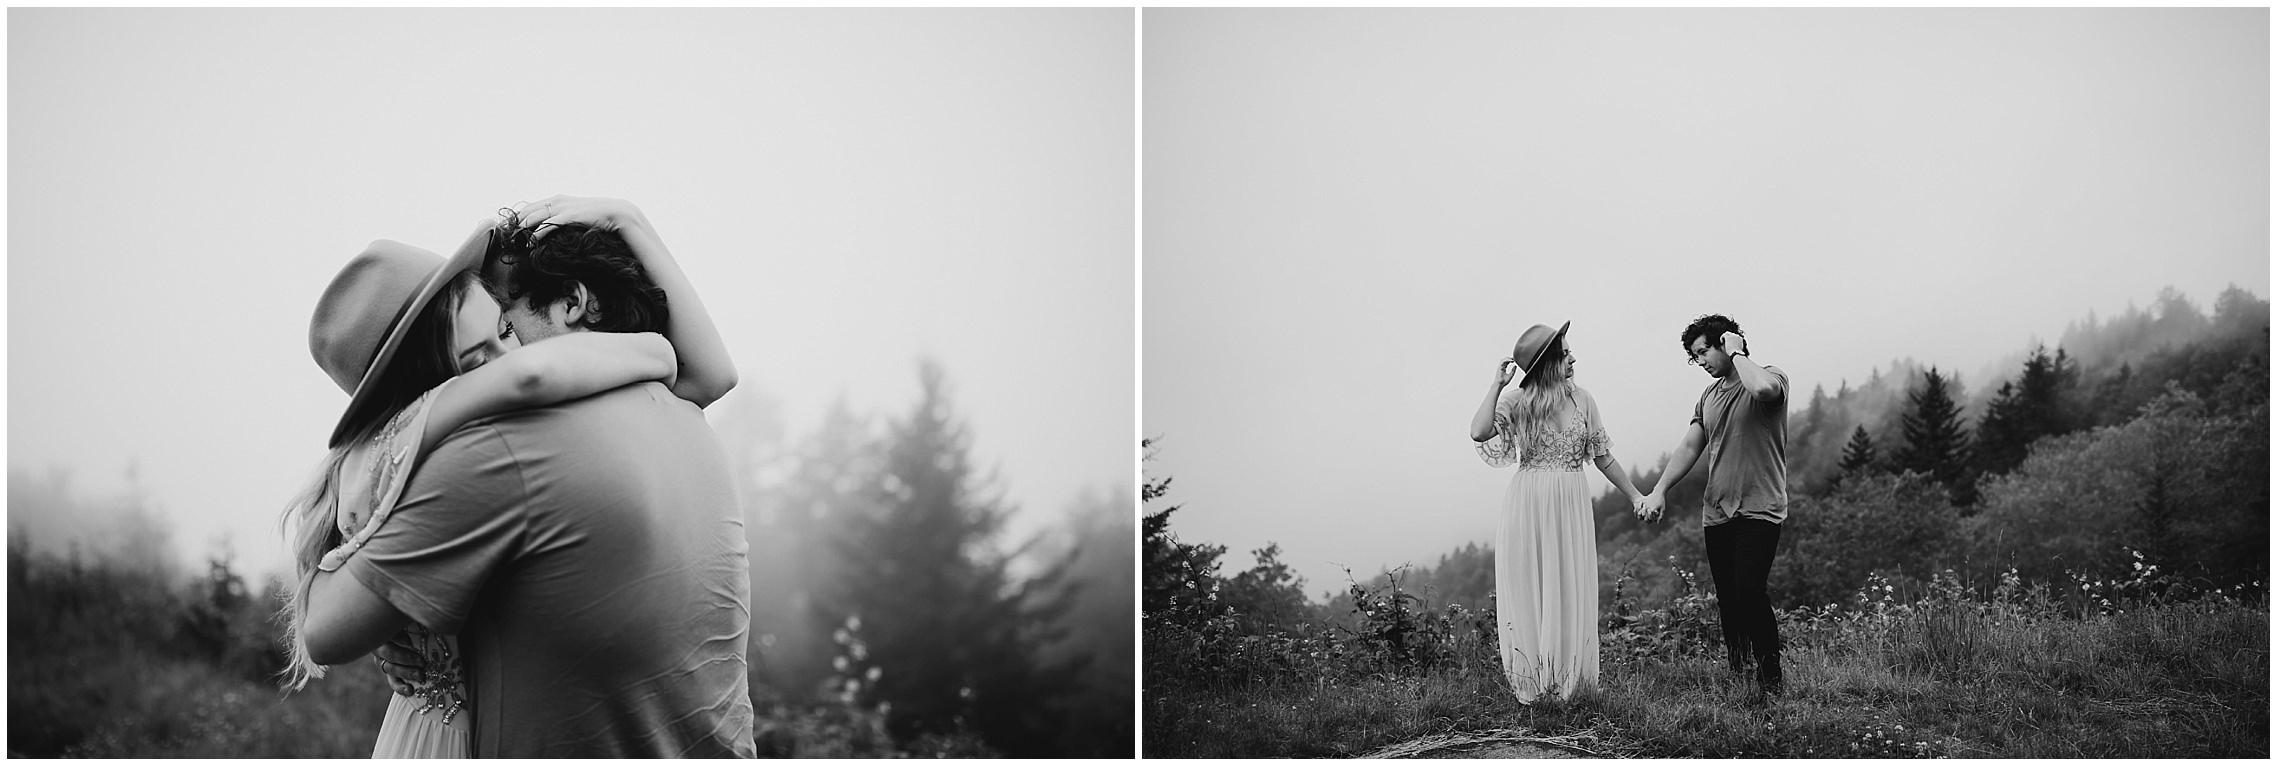 colorado_mountain_wedding_photographer_0164.jpg